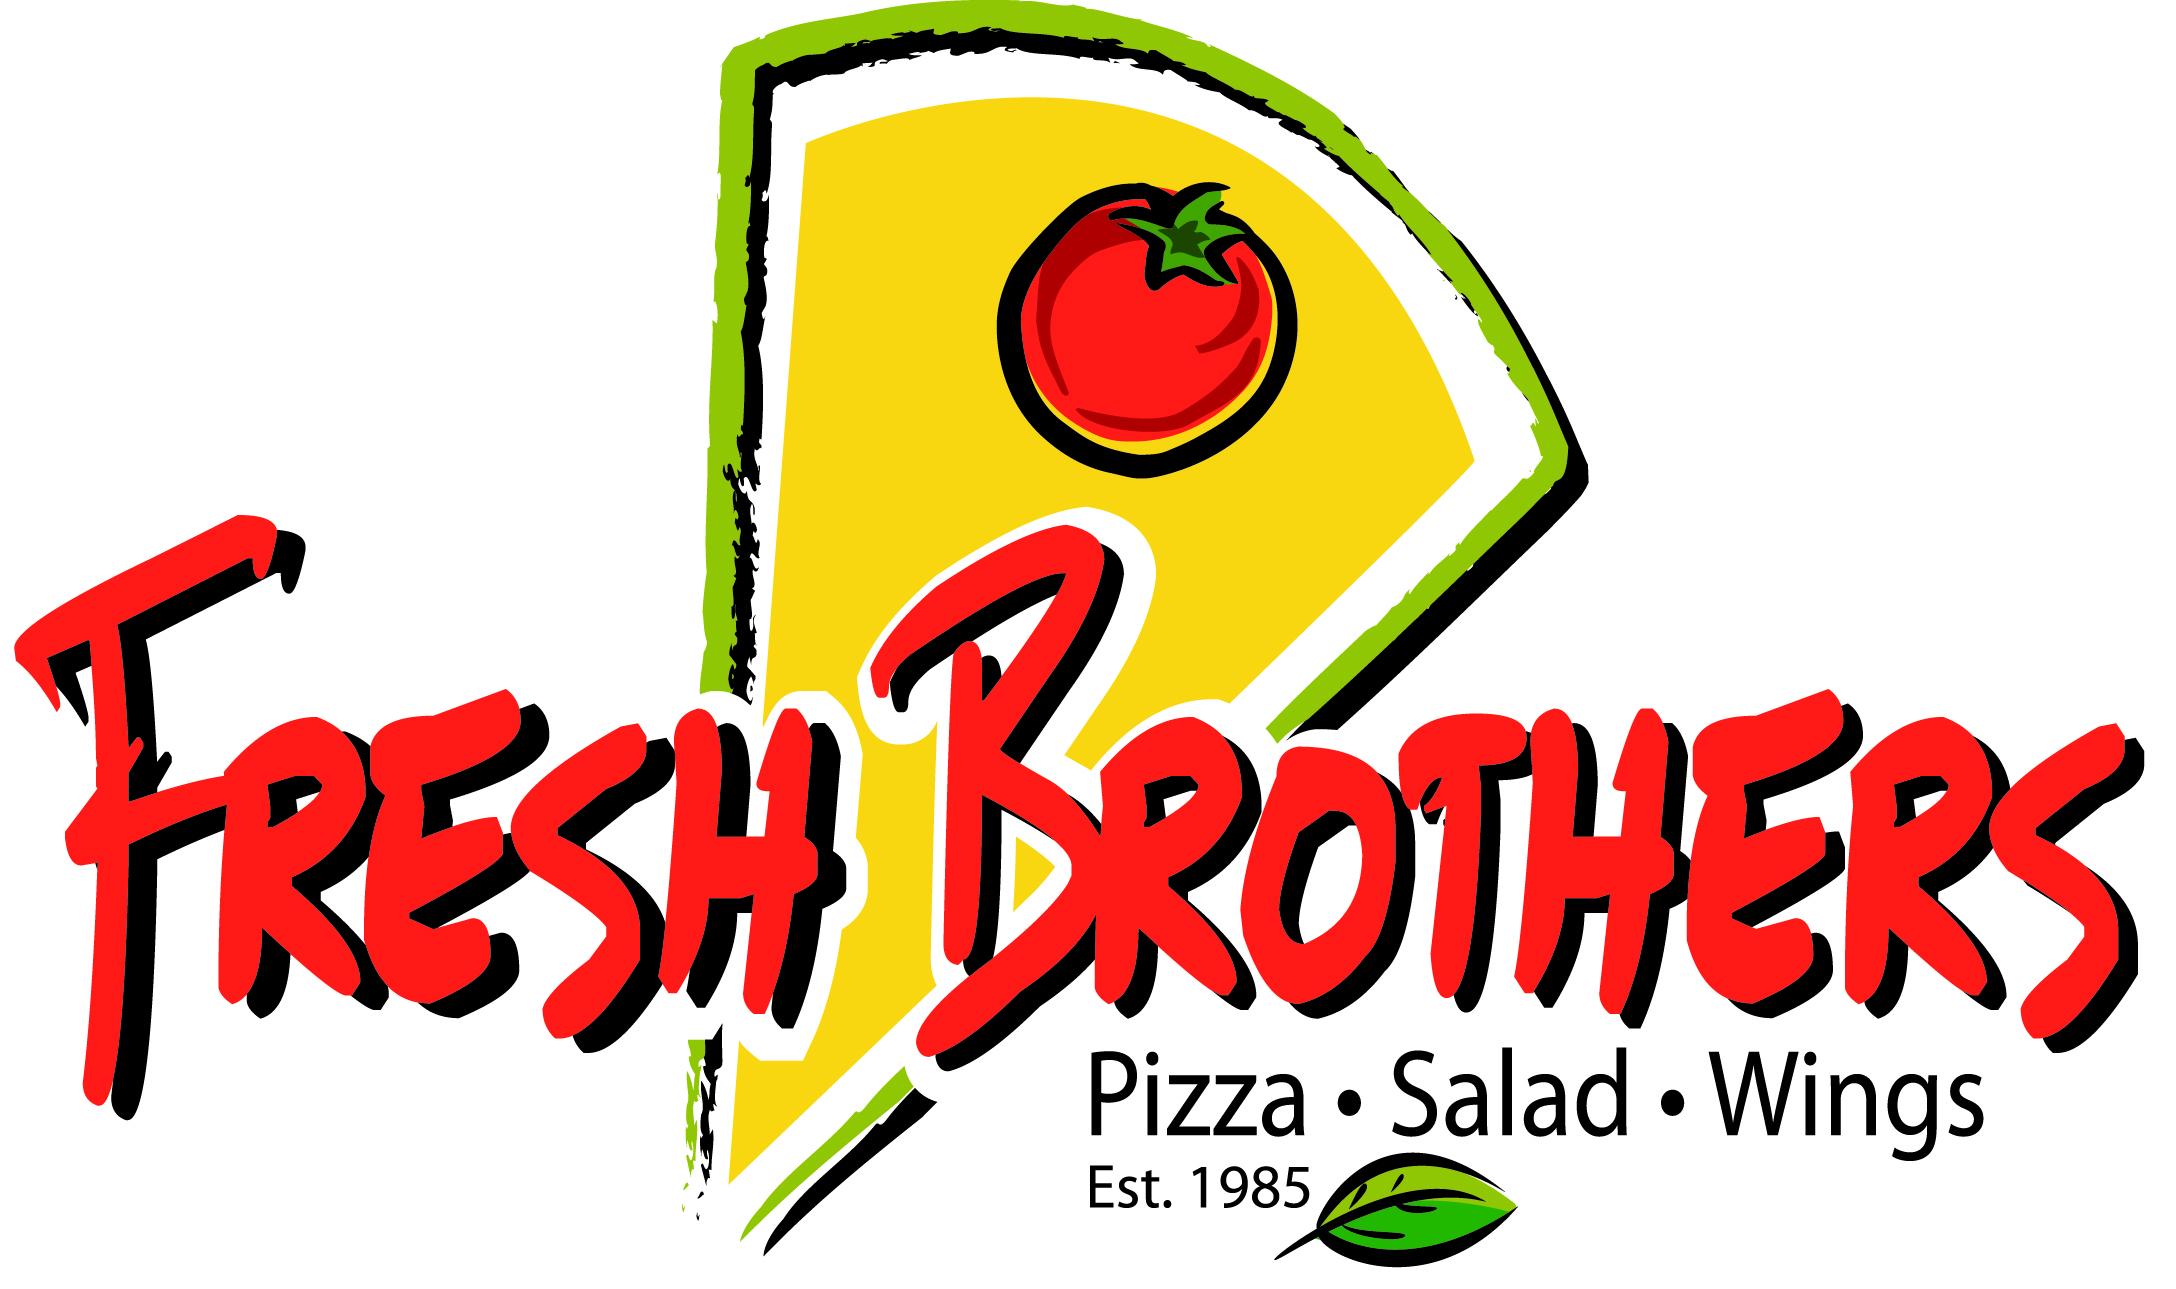 Logo-FreshBrothersLogo.jpg